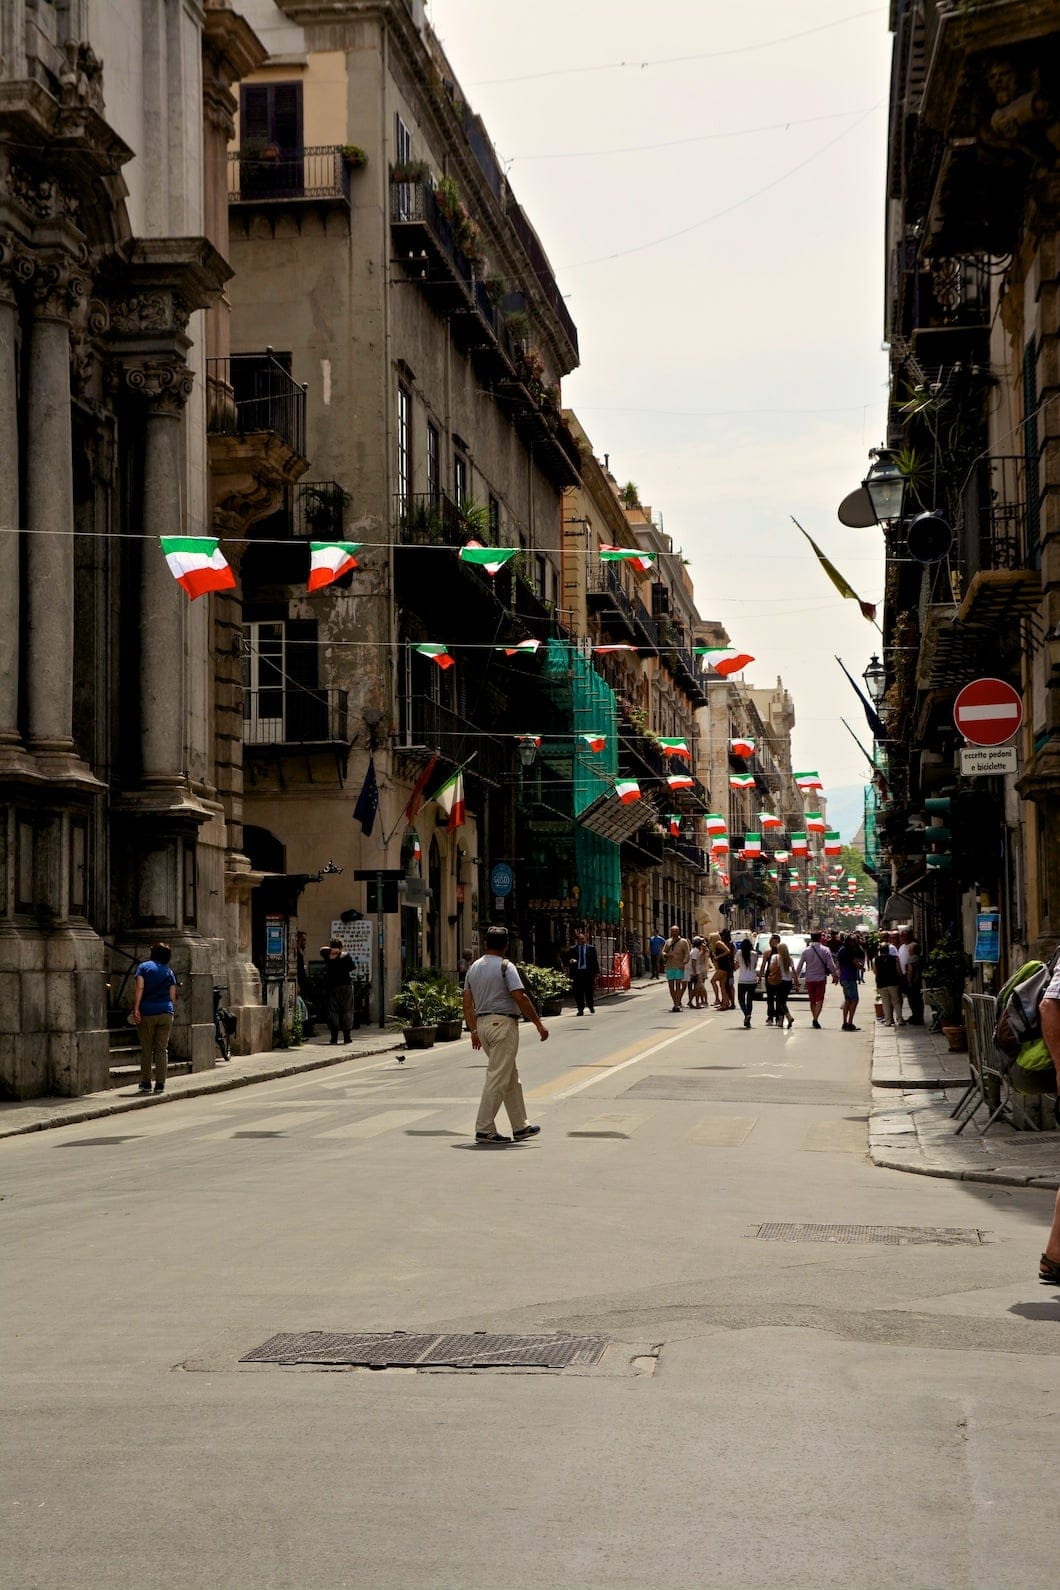 Via Maqueda à Palerme en Sicile - 22 v'la Scarlett